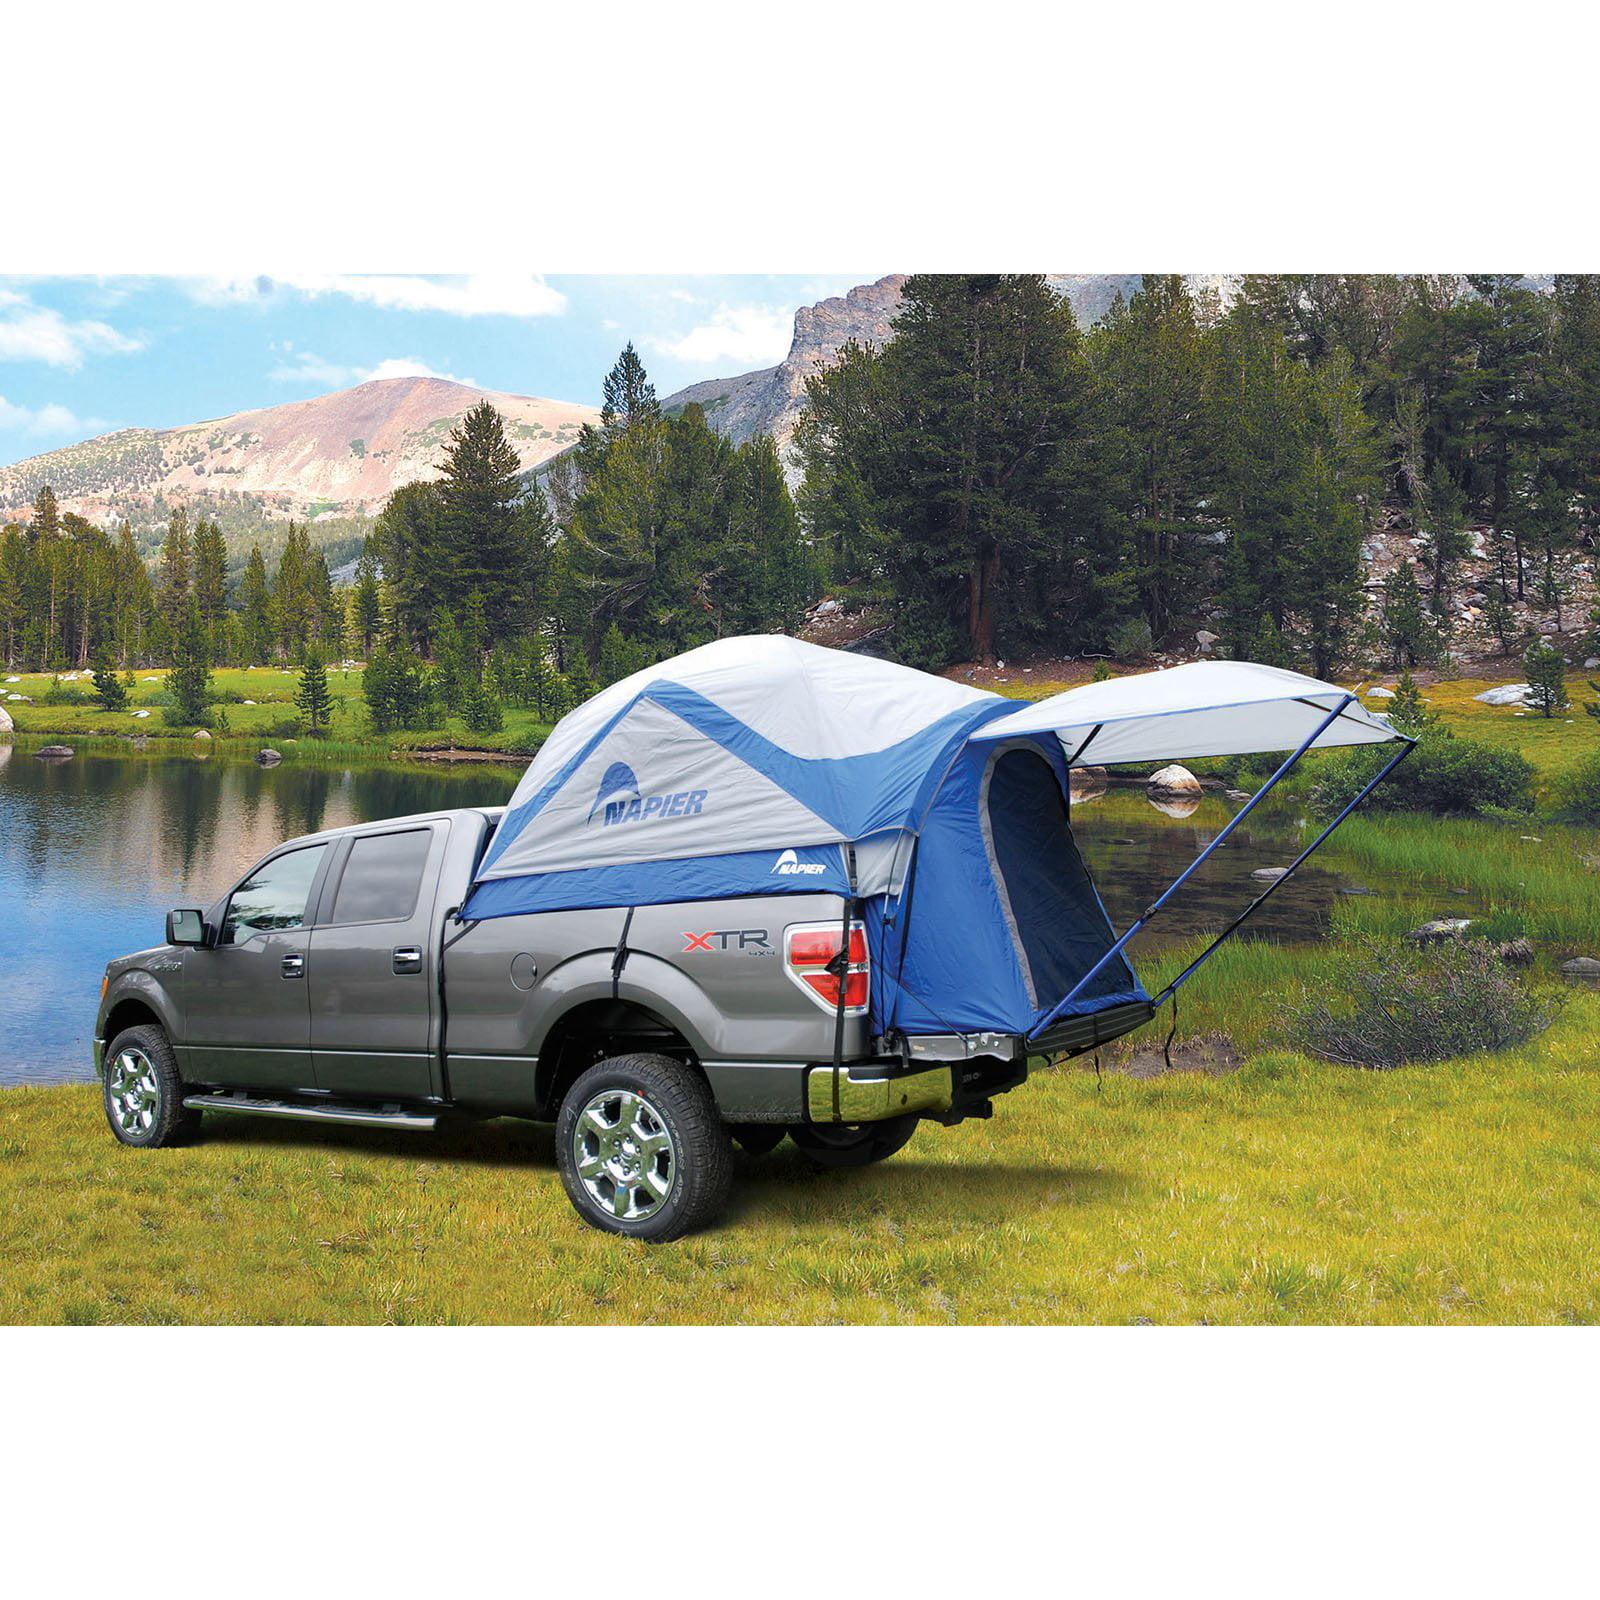 Napier Outdoors Sportz #57044 2 Person Truck Tent, Compact Short Bed, 6 6.2 ft. by Napier Enterprises